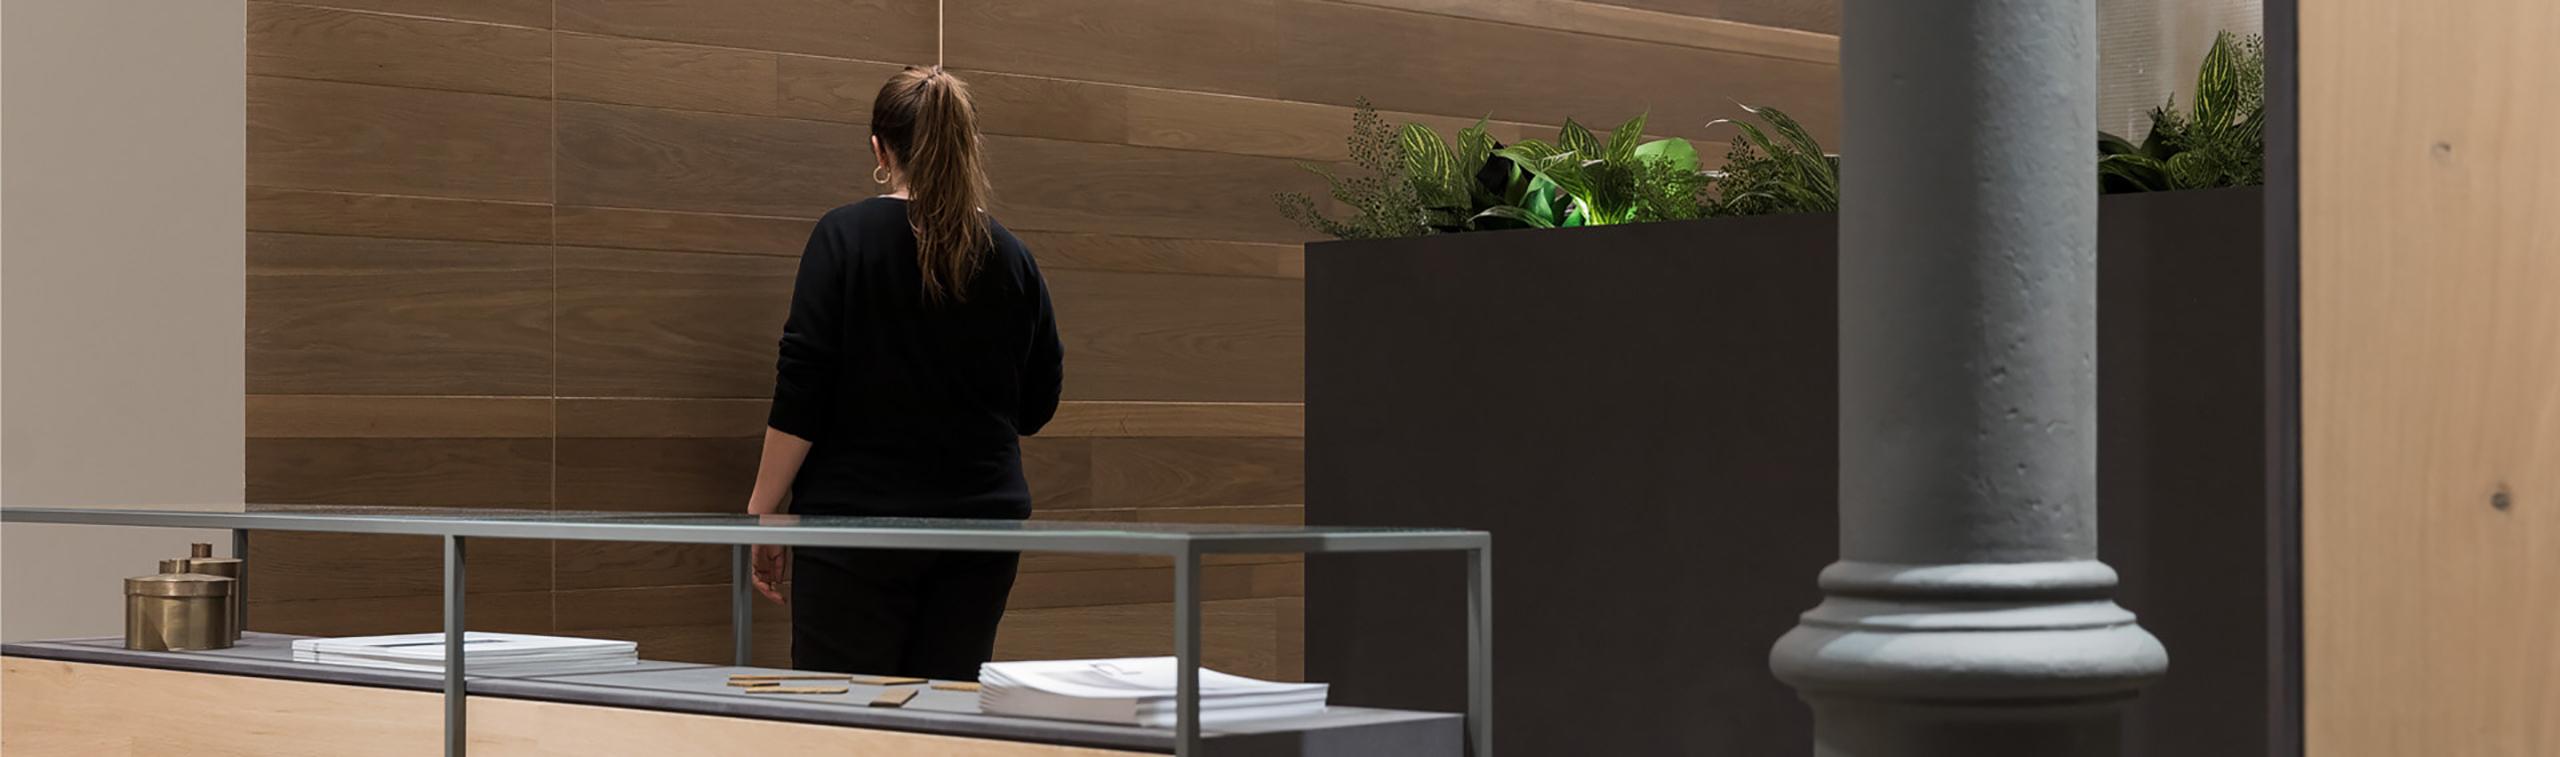 Imagen de una persona andando por detrás del mostrador de WINco